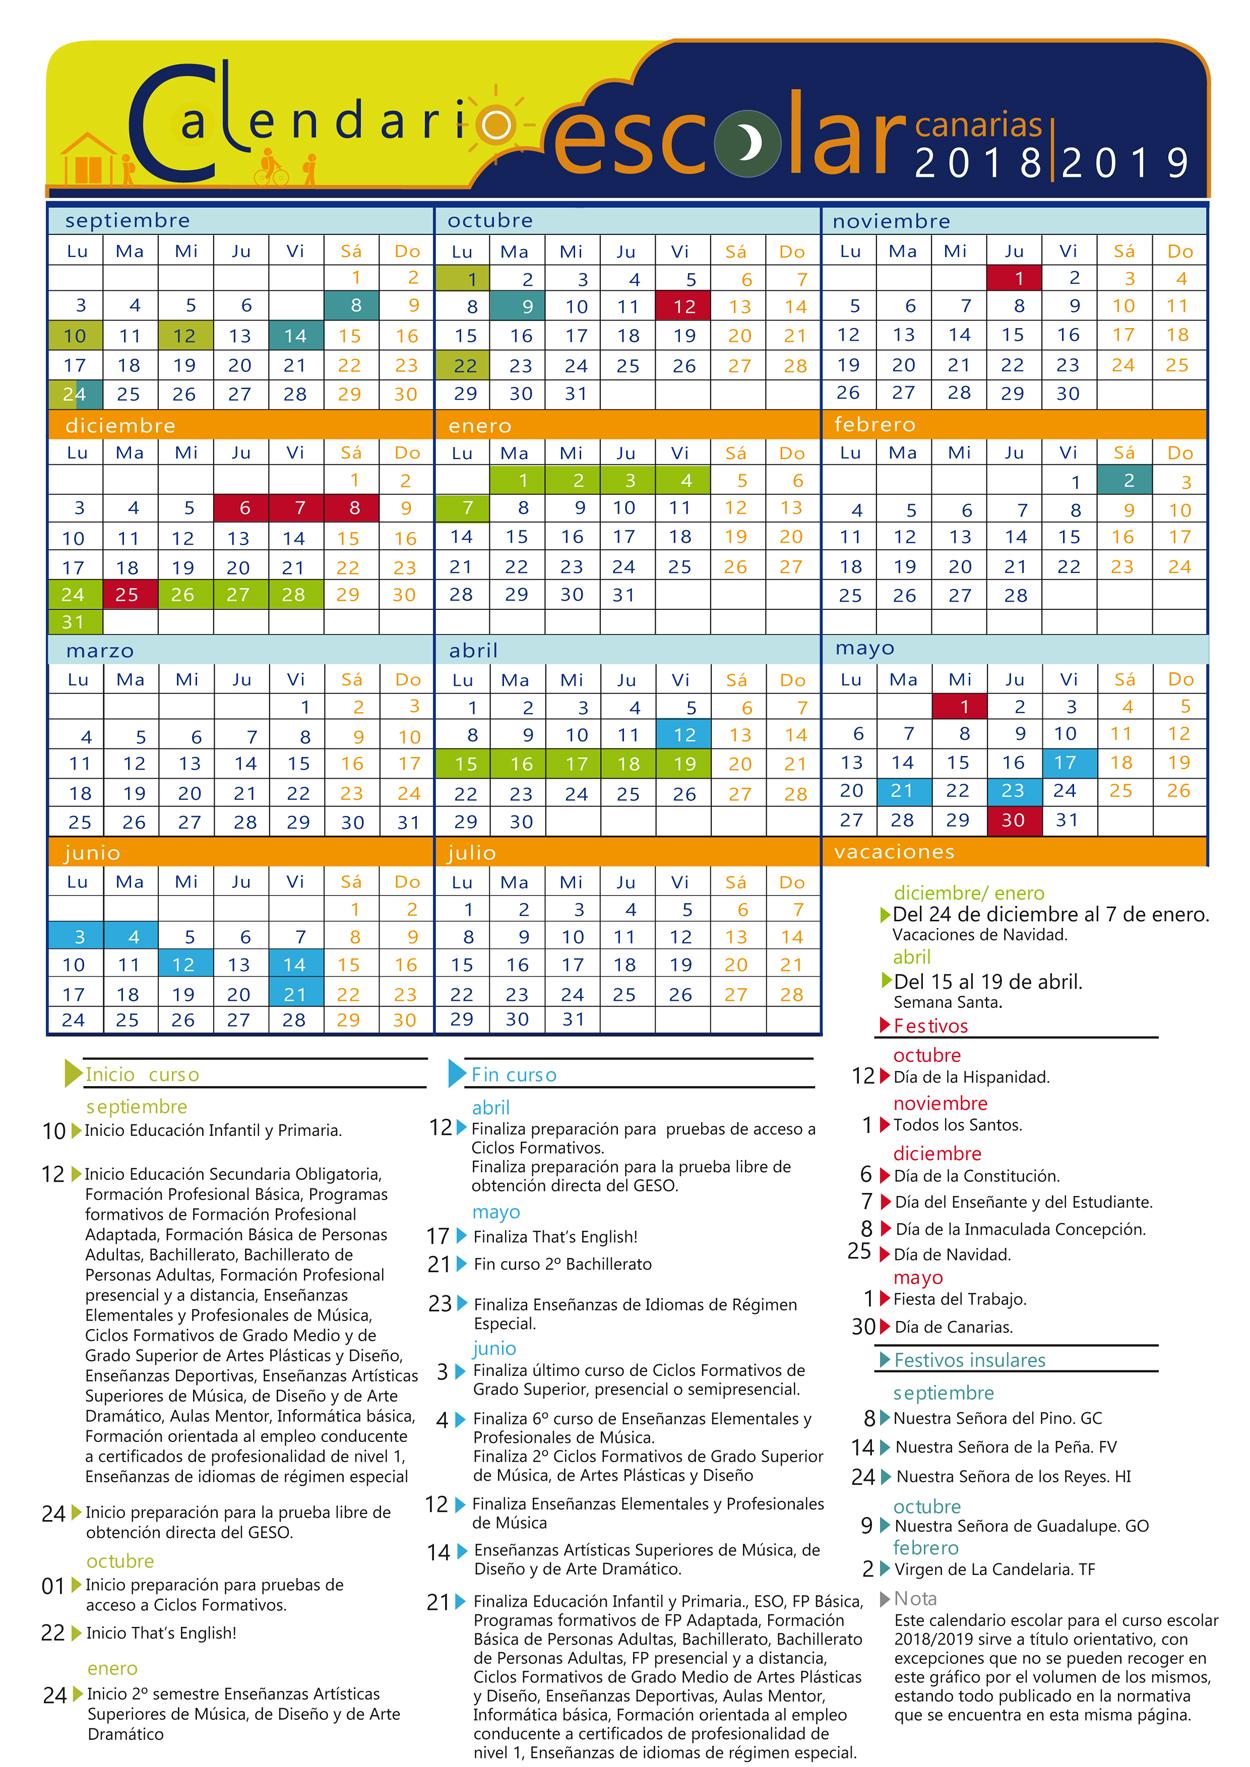 Calendario Escolar 2020 Las Palmas.Calendario Escolar 2019 2020